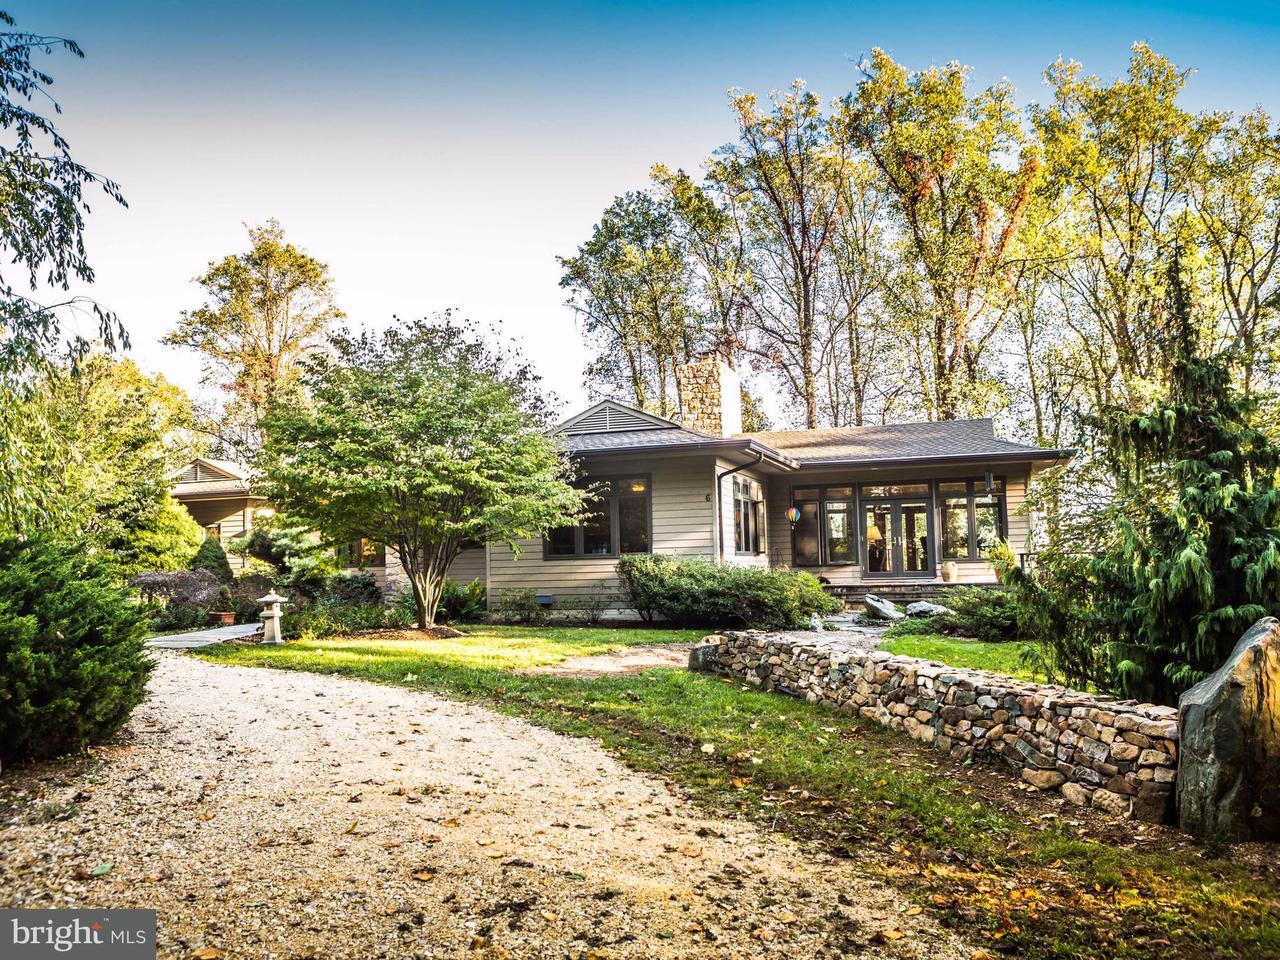 Частный односемейный дом для того Продажа на 6 Dahlgren Lane 6 Dahlgren Lane Huntly, Виргиния 22640 Соединенные Штаты